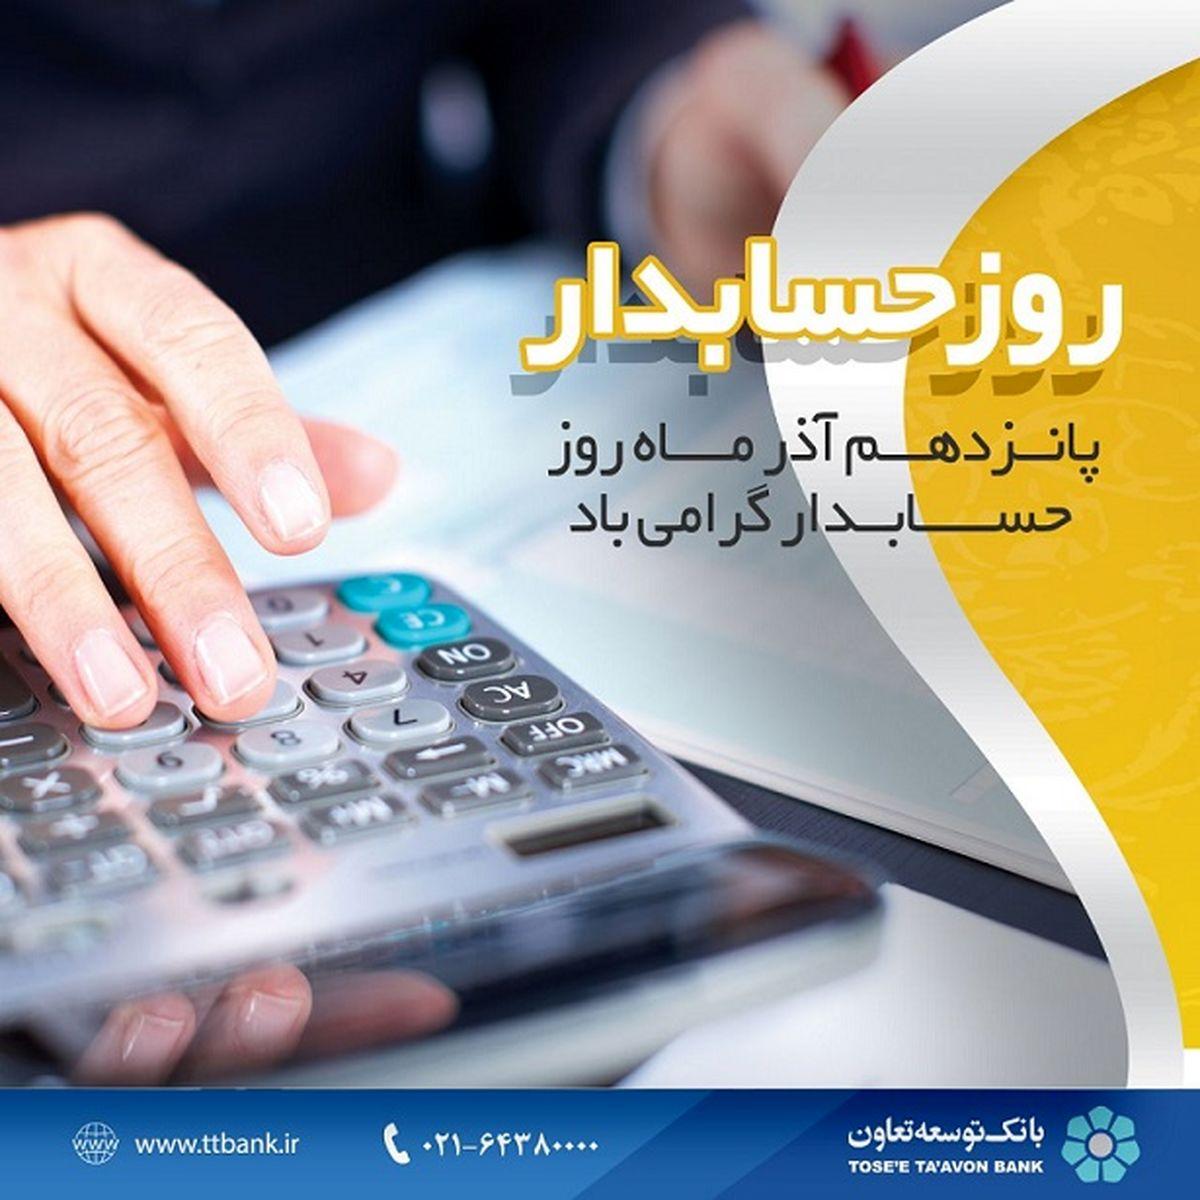 جایگاه حسابداری در شفافسازی فرآیندهای مالی و اقتصادی، بیبدیل است